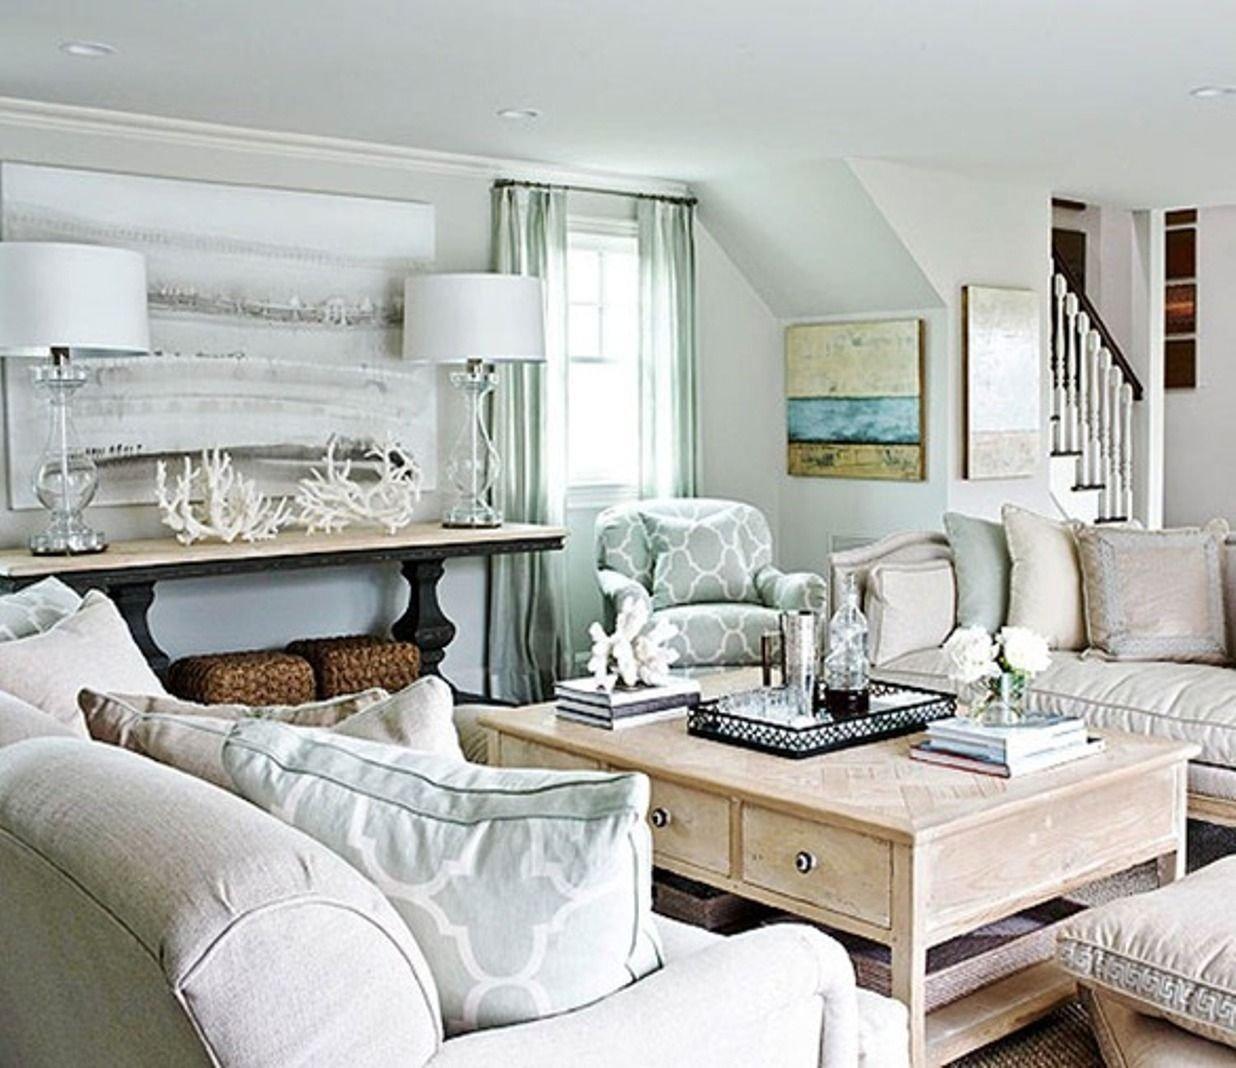 10 Fashionable Beach Themed Living Room Ideas coastal light blue and neutral beach house living room beach house 1 2021